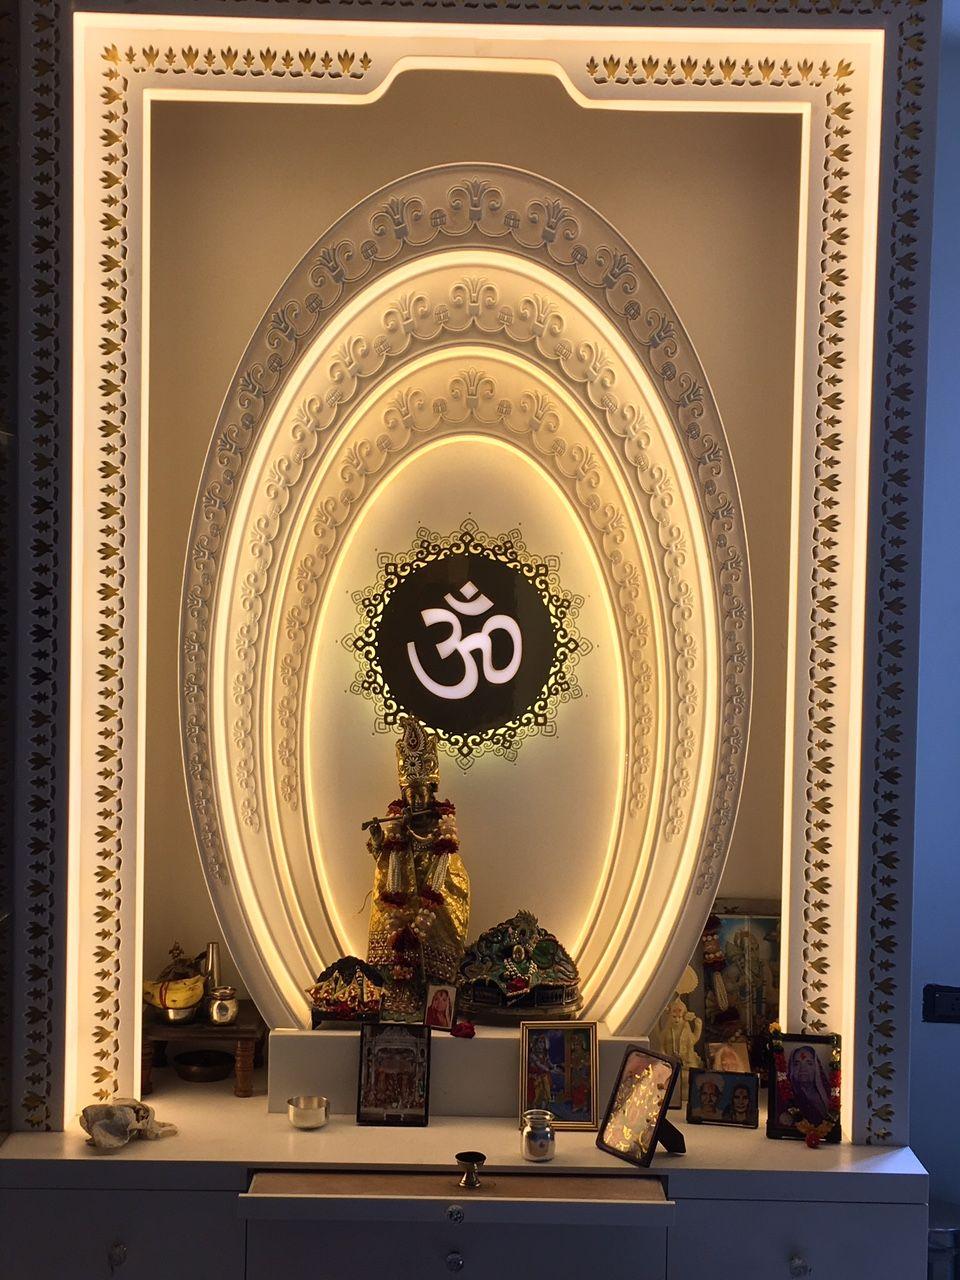 DESIGNER 3D MANDIR BACKLIT FOR HINDU RELIGION | Nitin ...